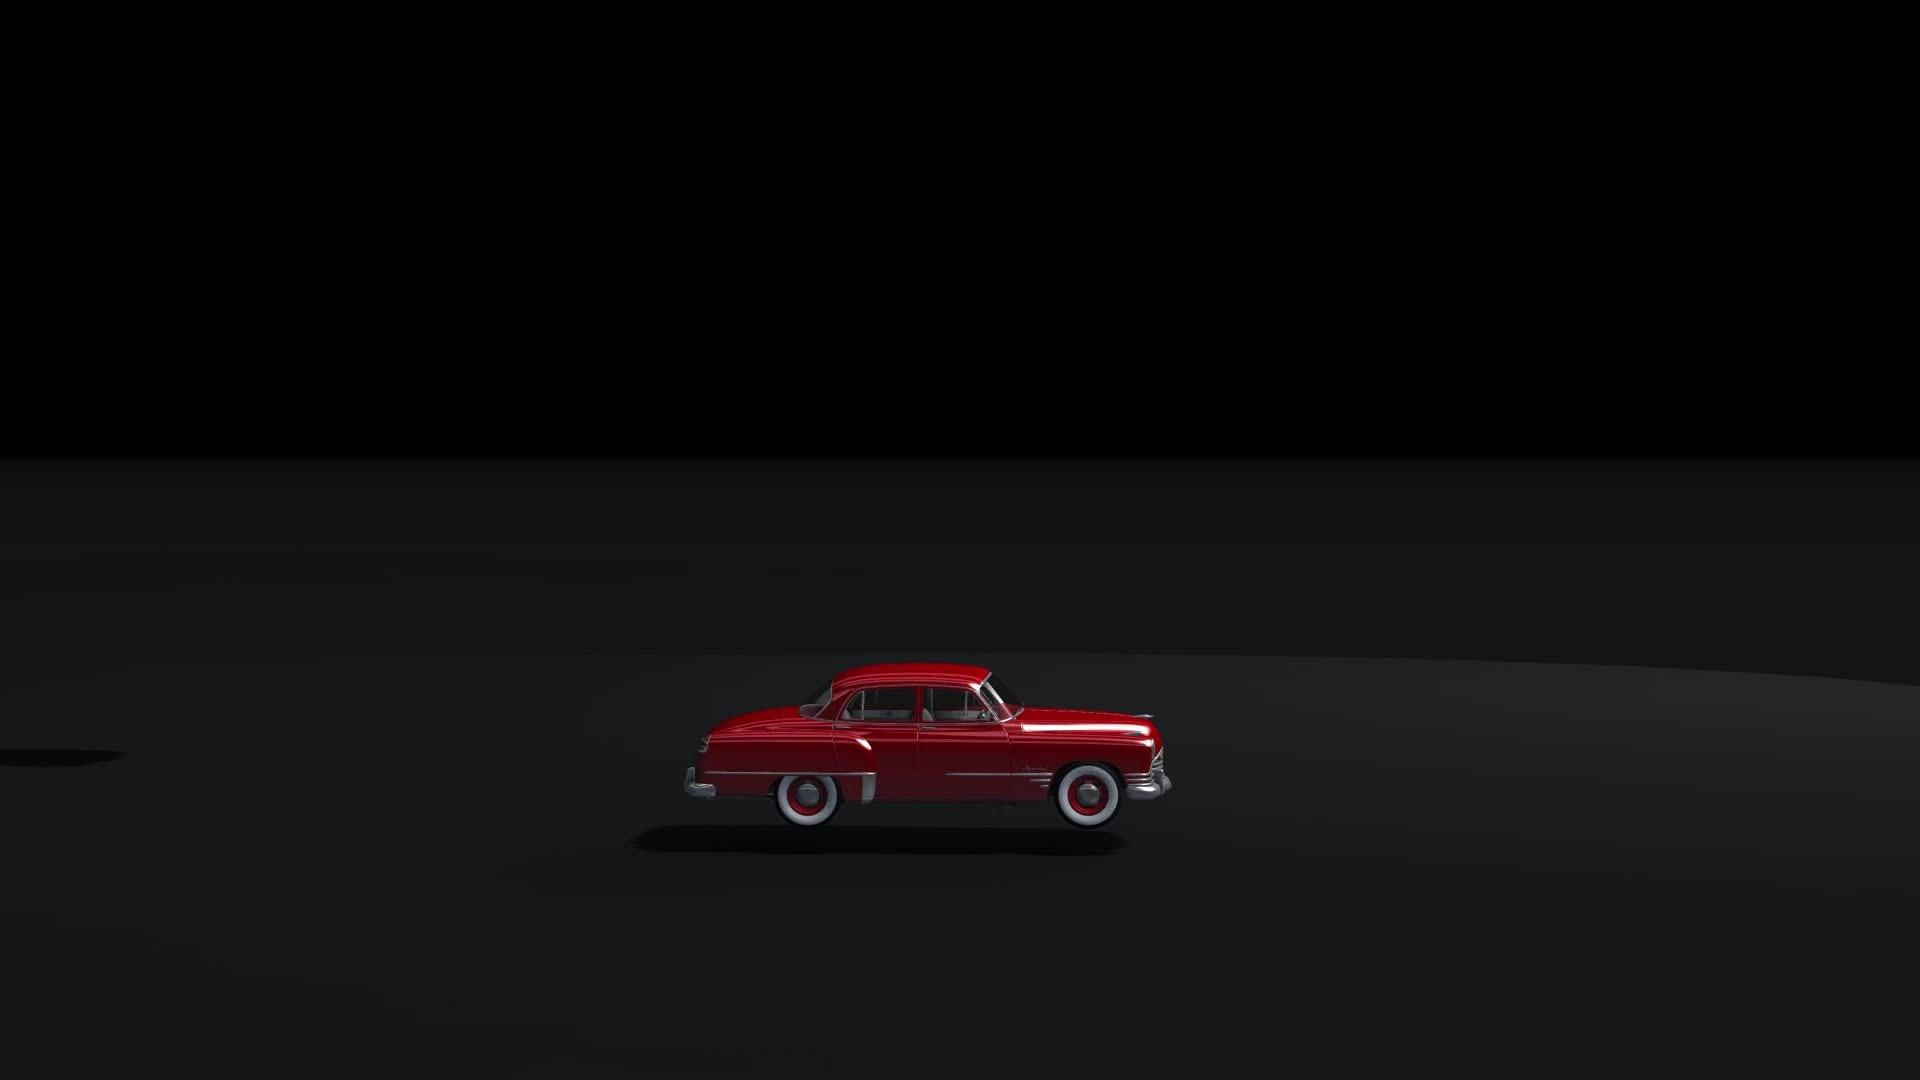 gamephysics, beamng car drop 2 GIFs